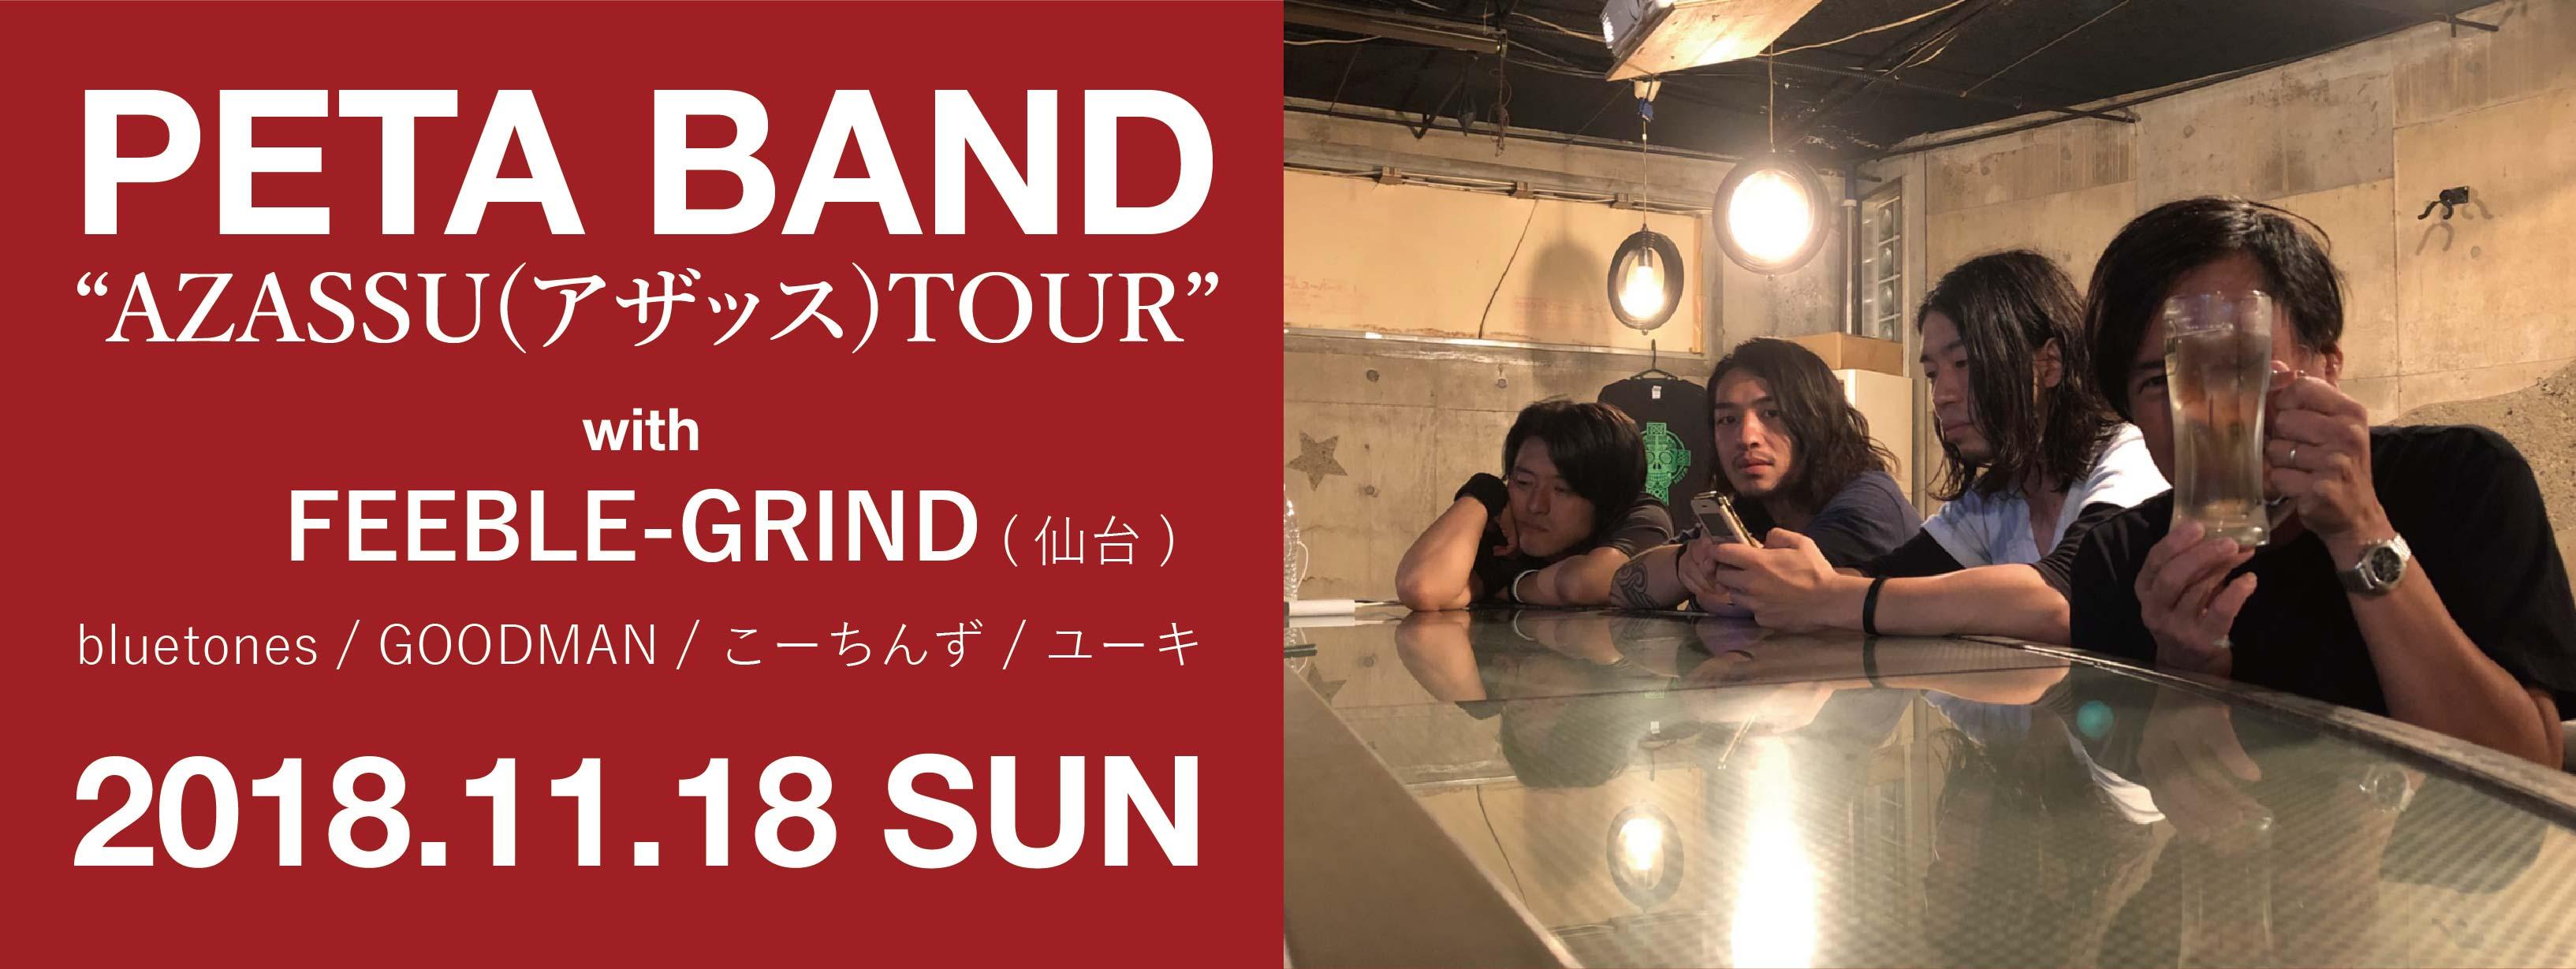 """PETA BAND """"AZASSU(アザッス)TOUR"""""""